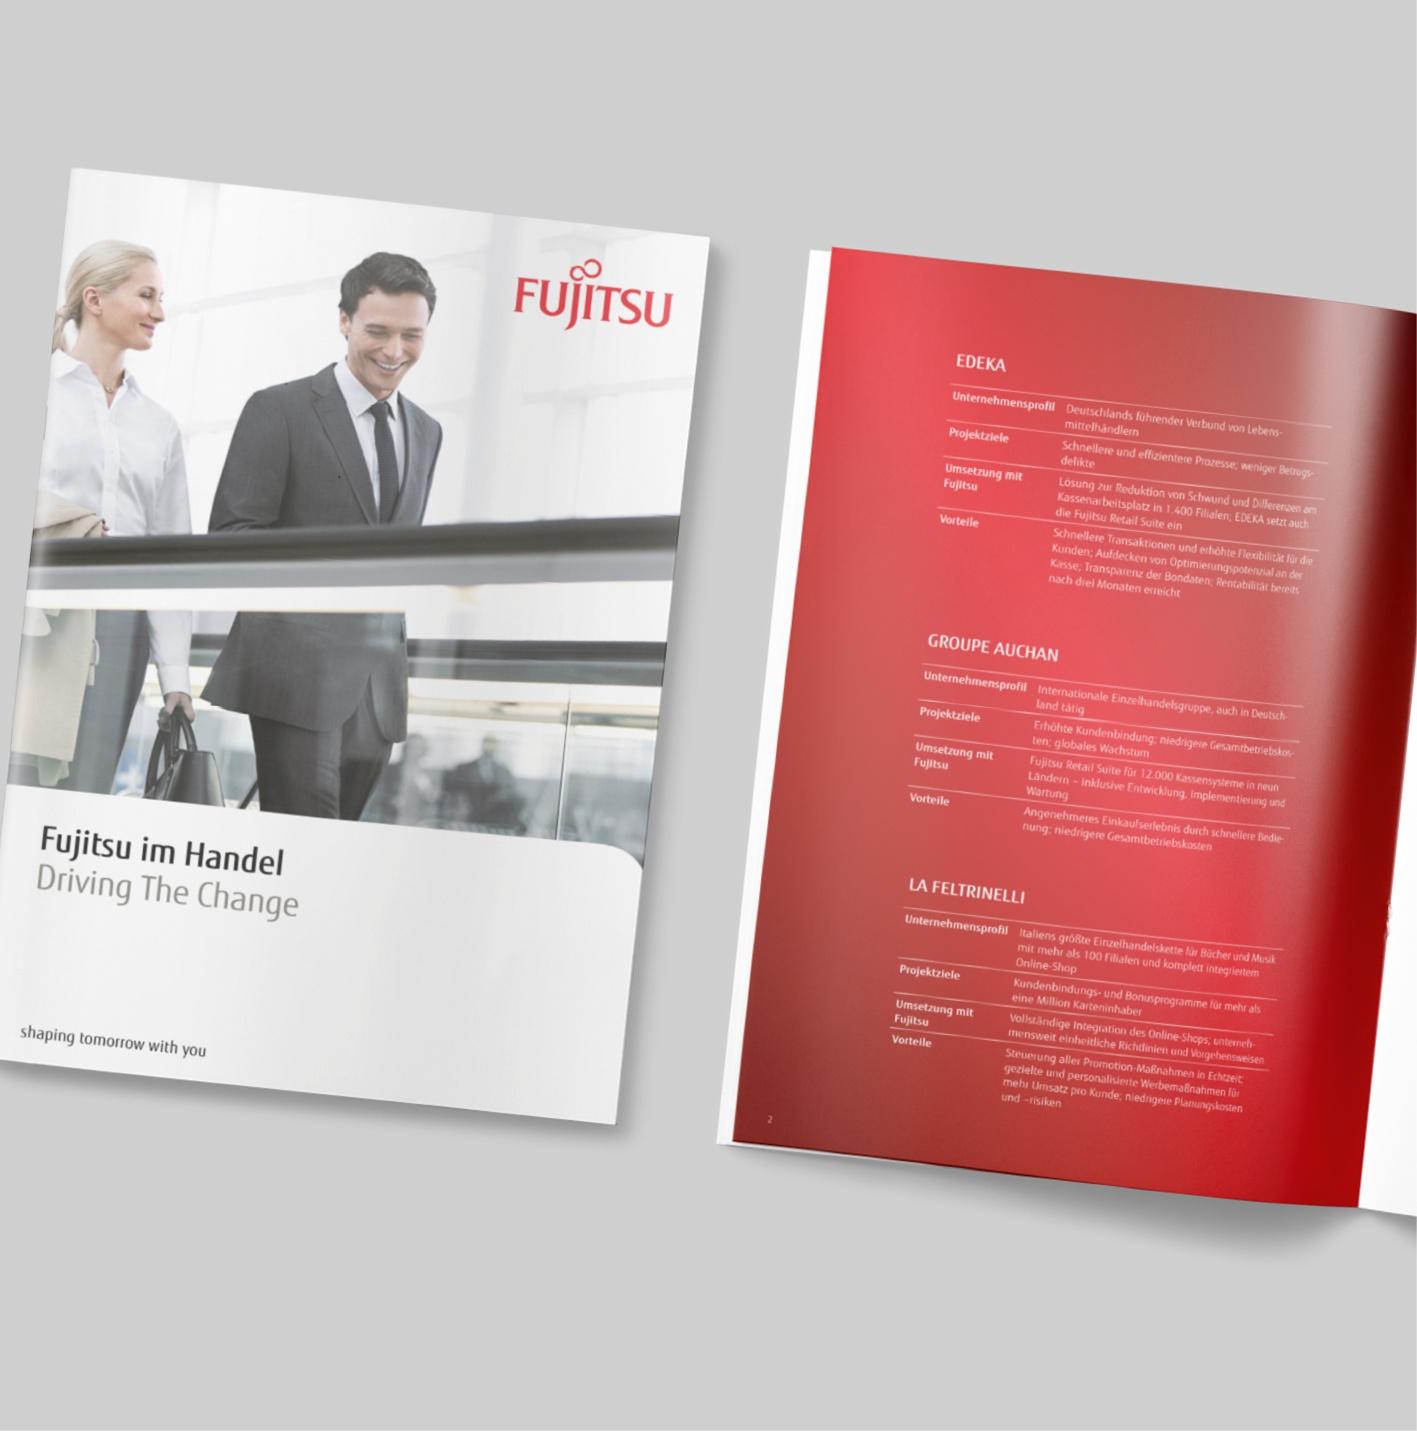 Fujitsu Retail